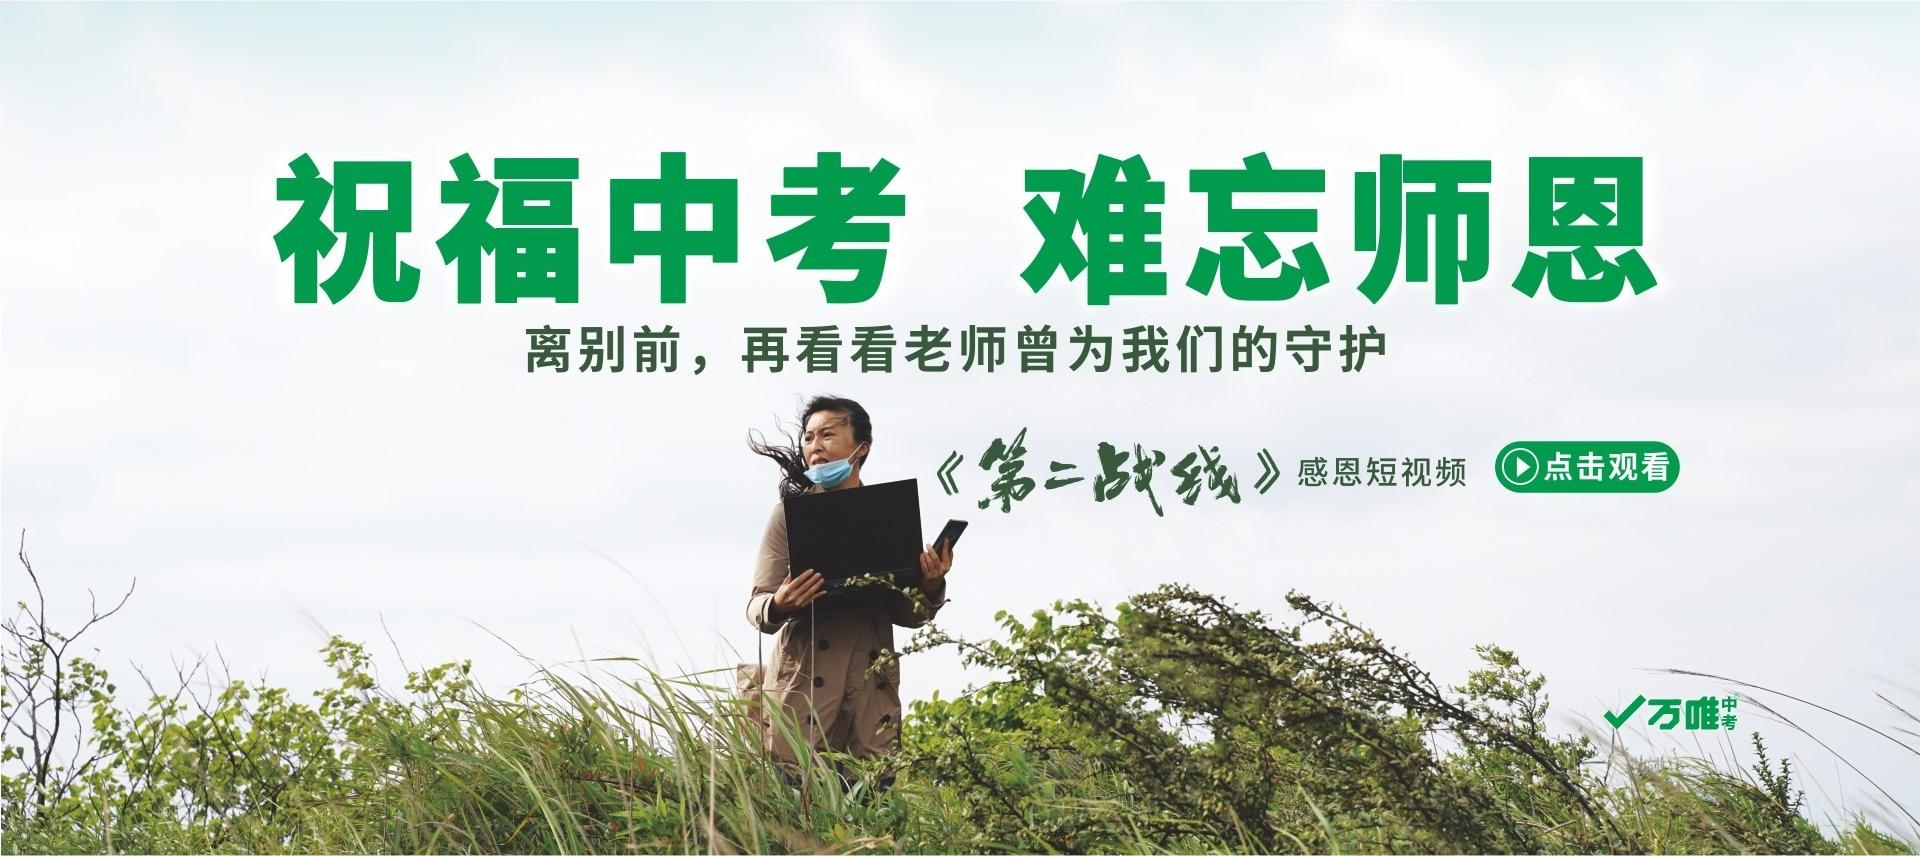 中国教育电视台走进万唯